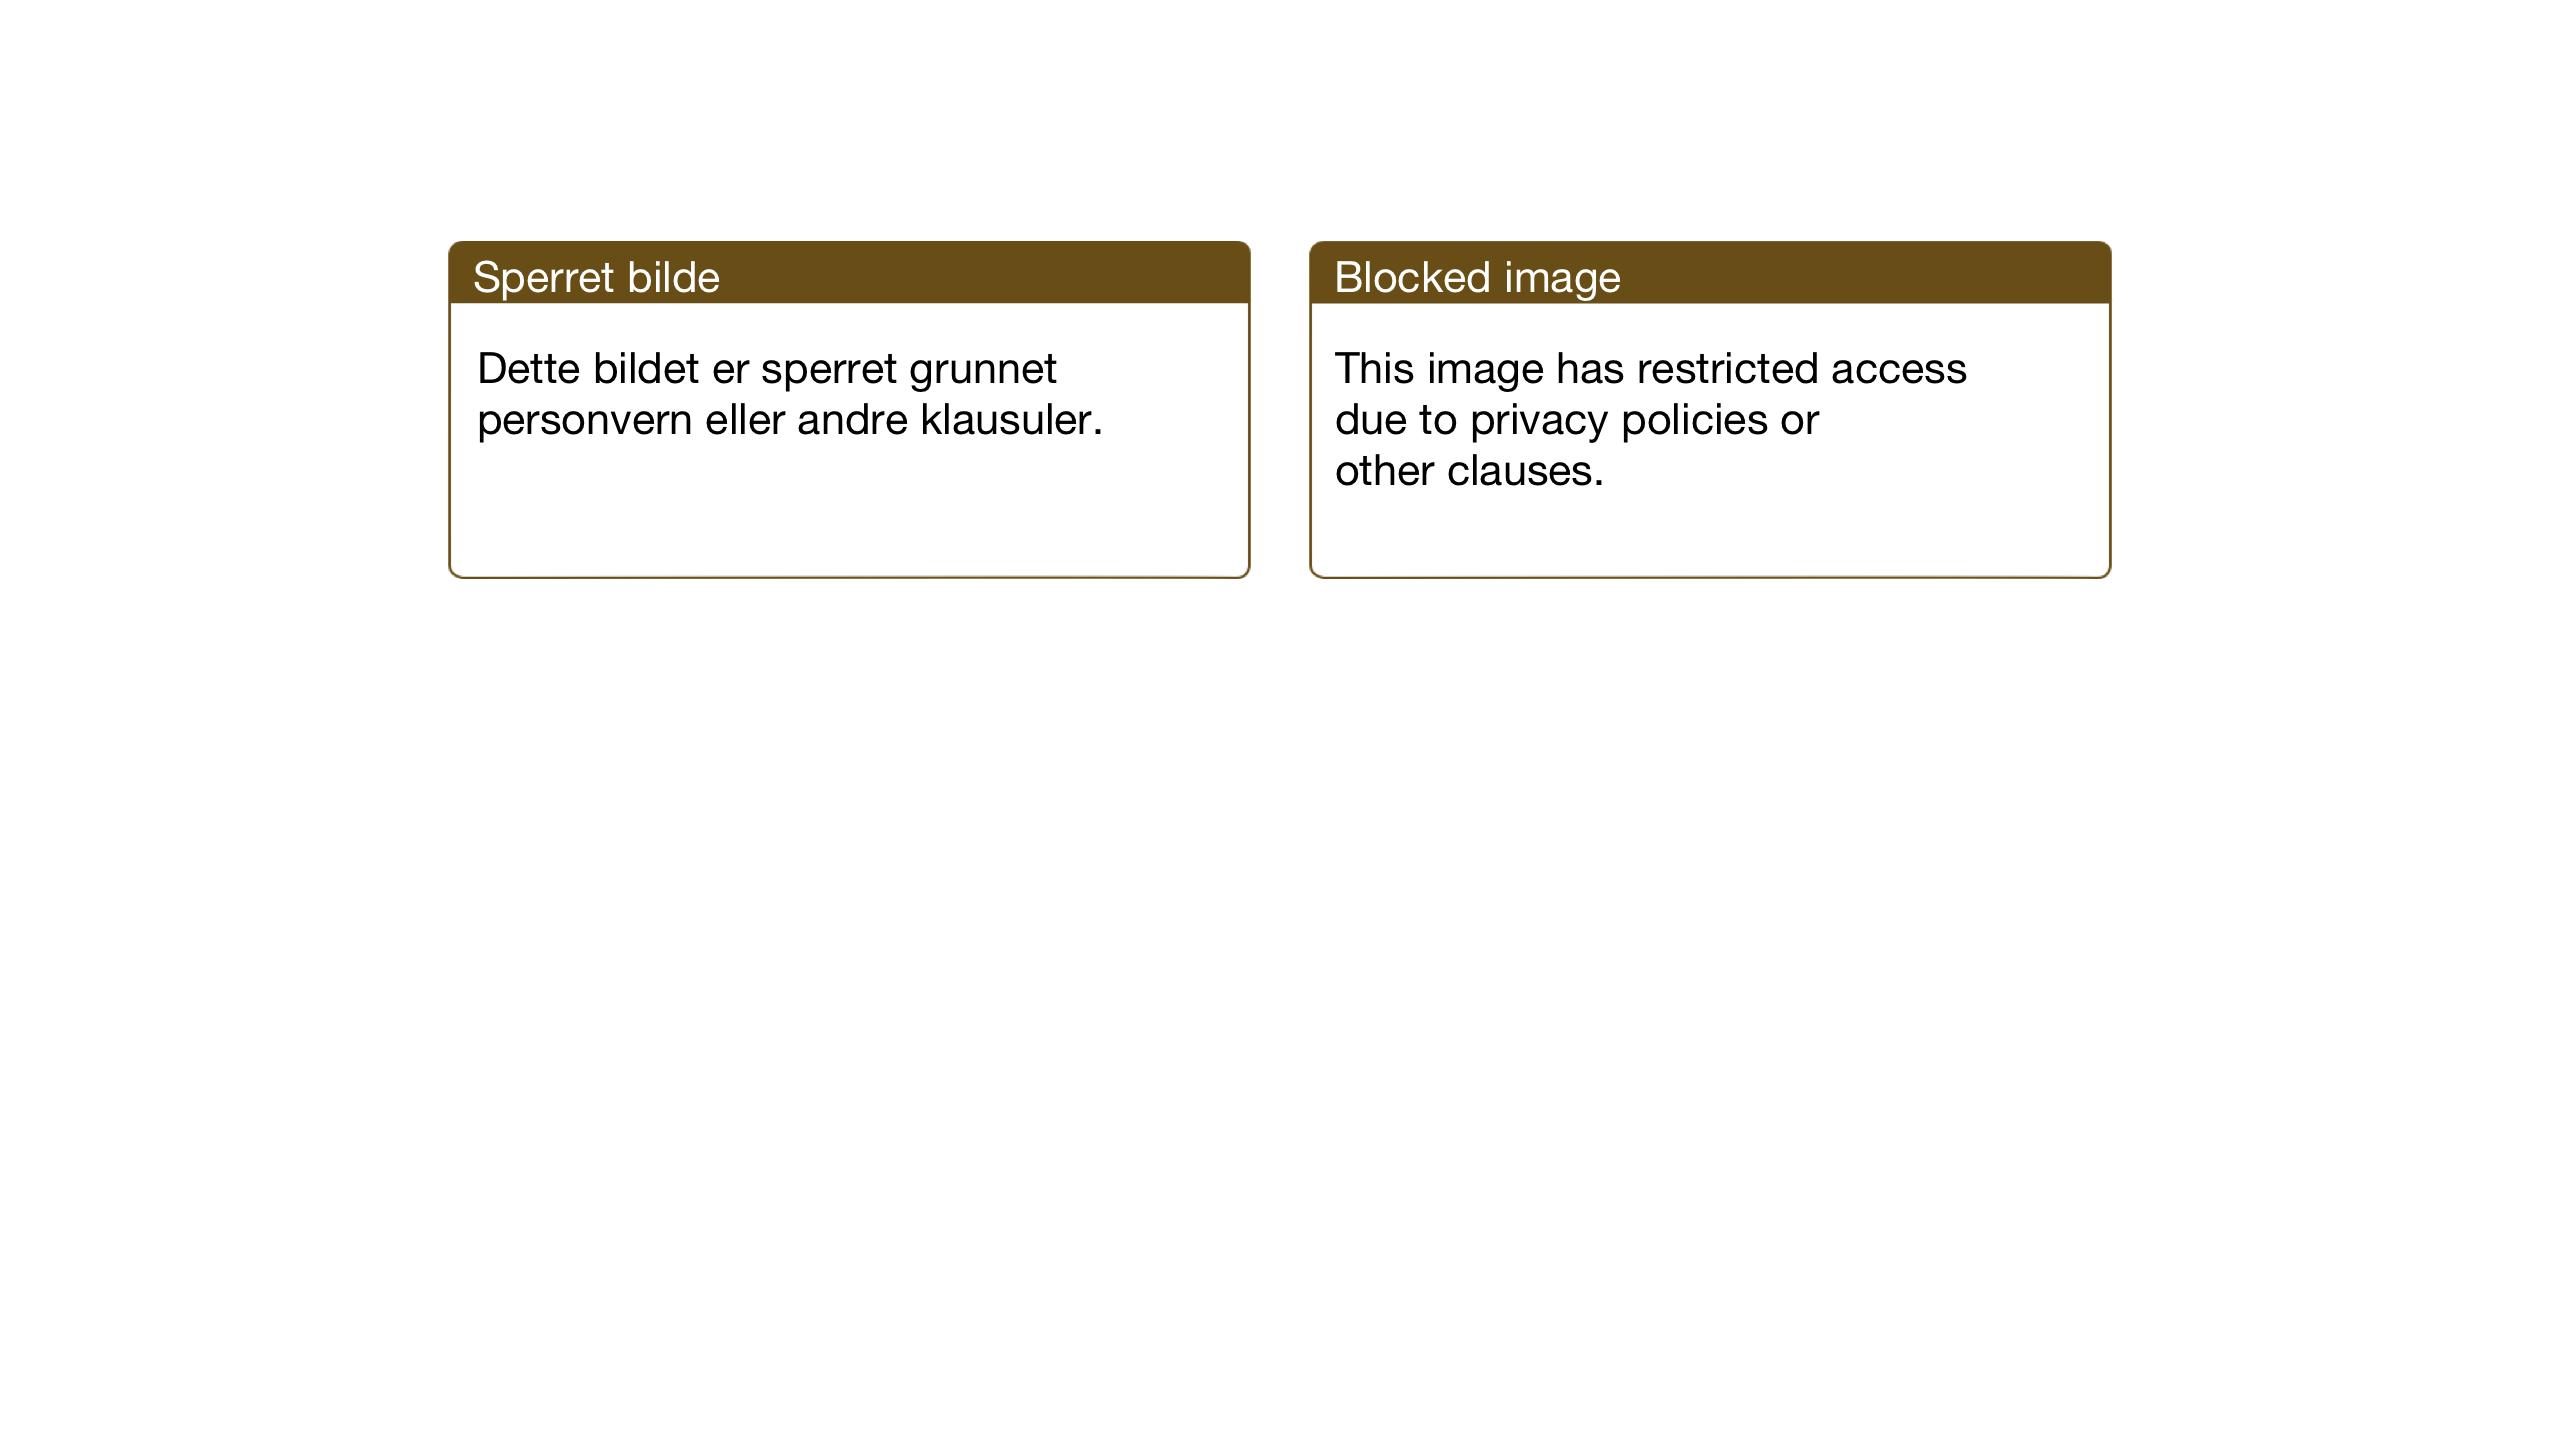 SAT, Ministerialprotokoller, klokkerbøker og fødselsregistre - Sør-Trøndelag, 637/L0563: Klokkerbok nr. 637C04, 1899-1940, s. 97